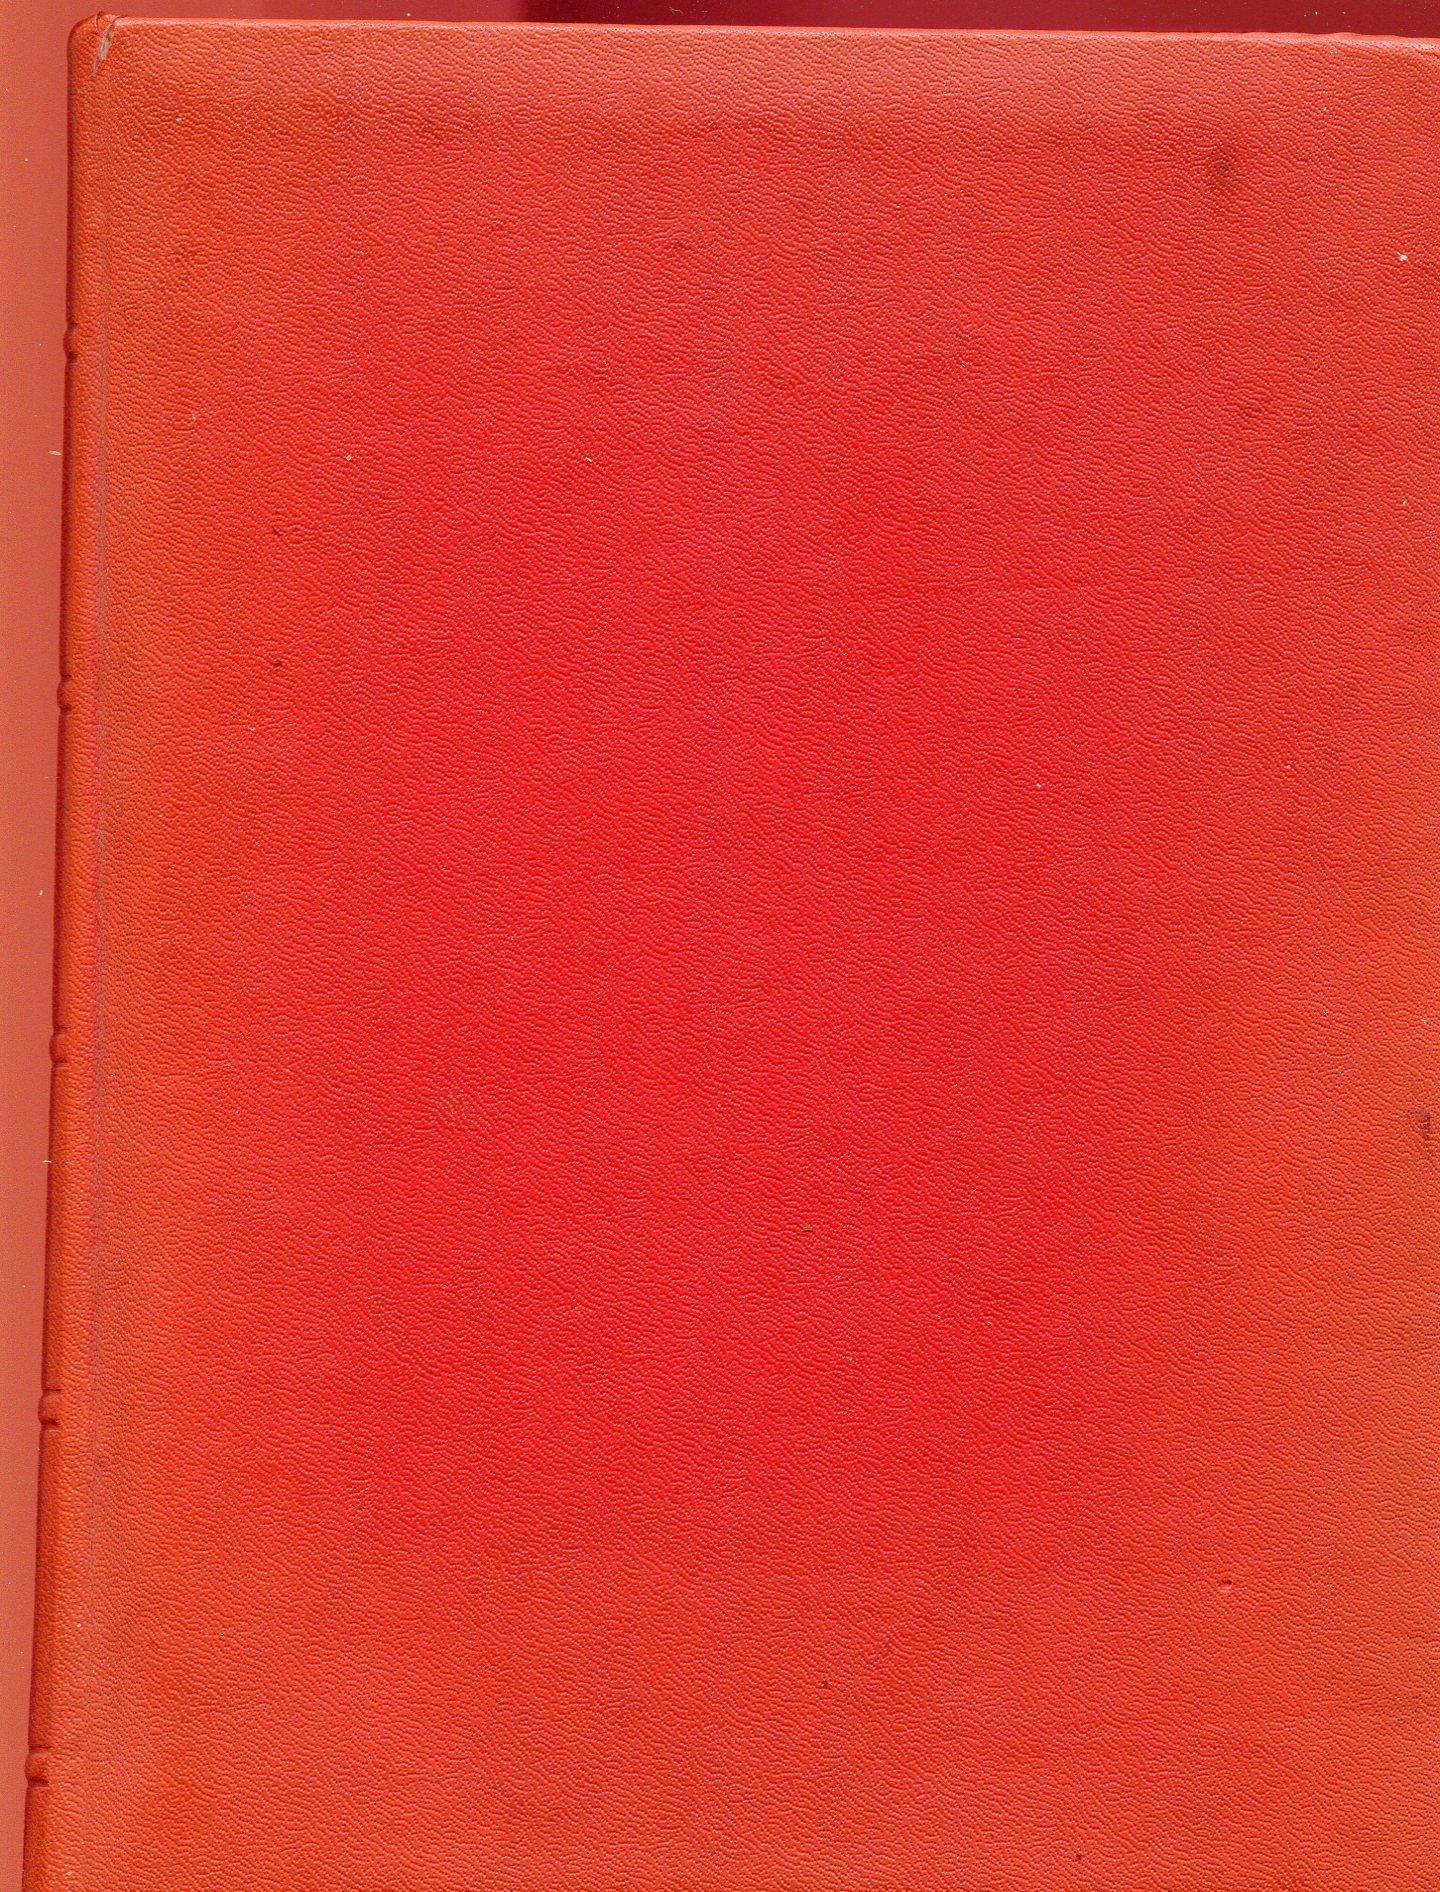 Het rode boek 1957 ev